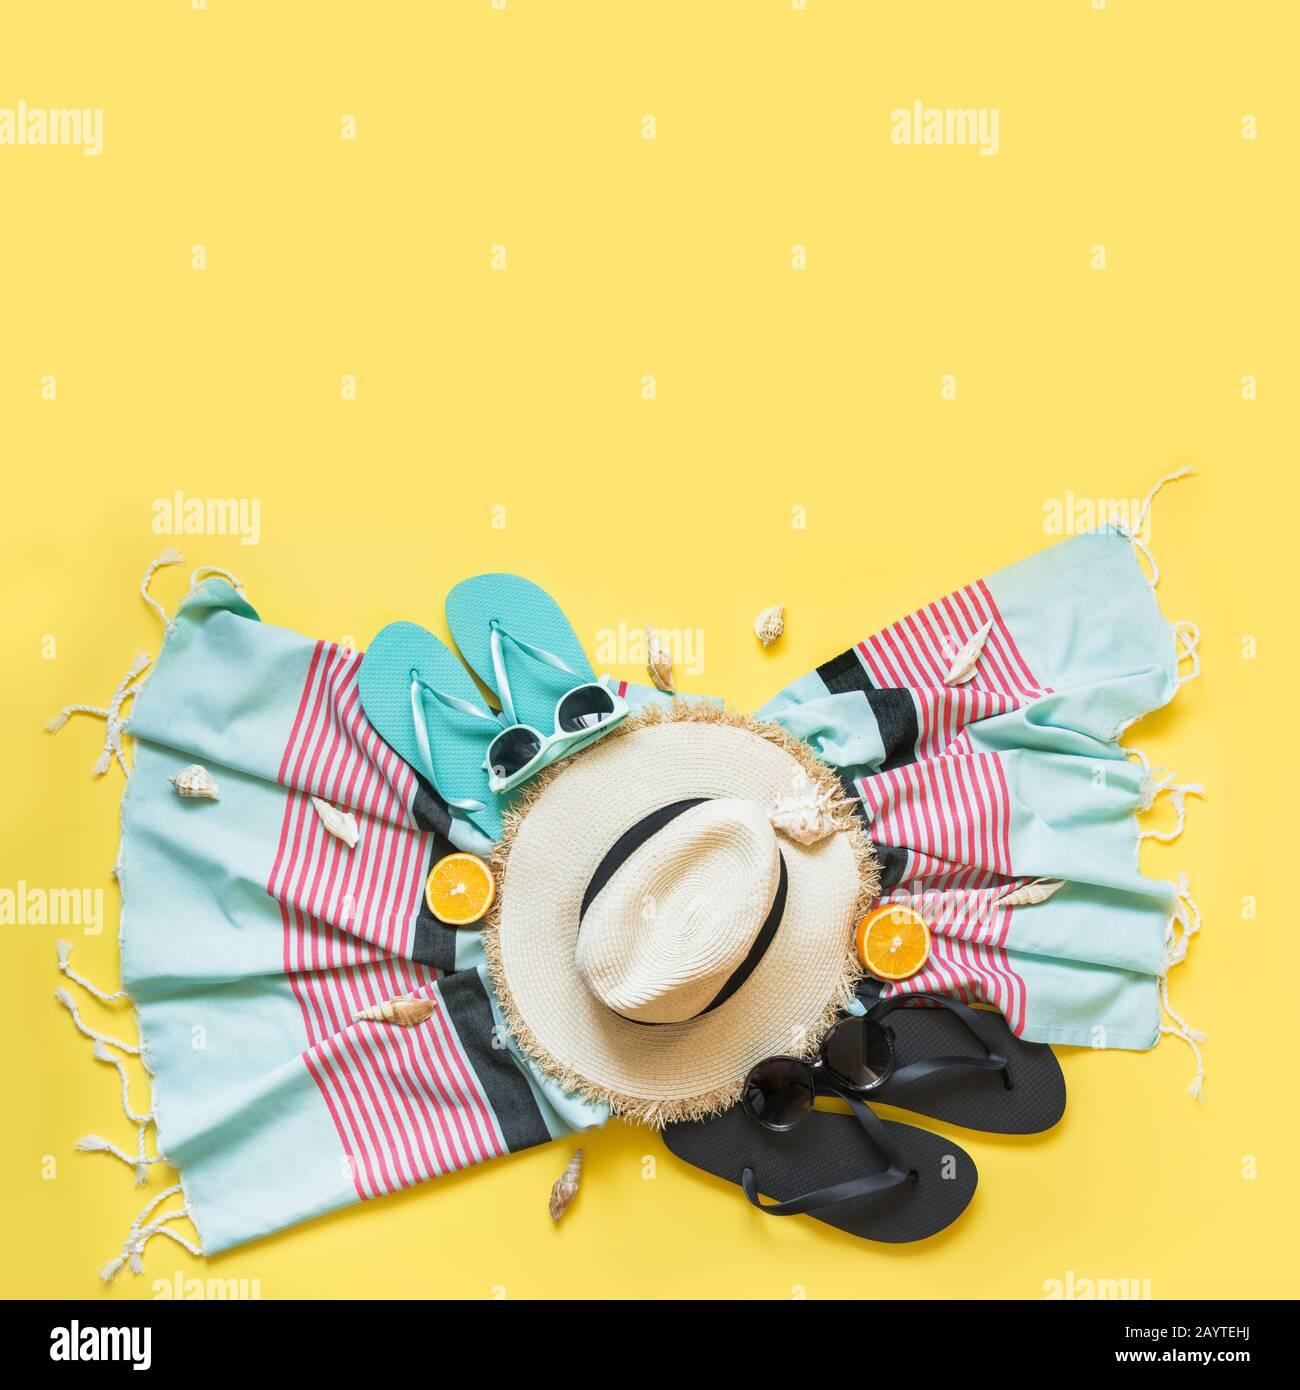 Conjunto para vacaciones tropicales en la playa, sombrero de paja, toalla, gafas de sol en amarillo. Concepto de verano. Vista superior. Espacio para texto. Foto de stock